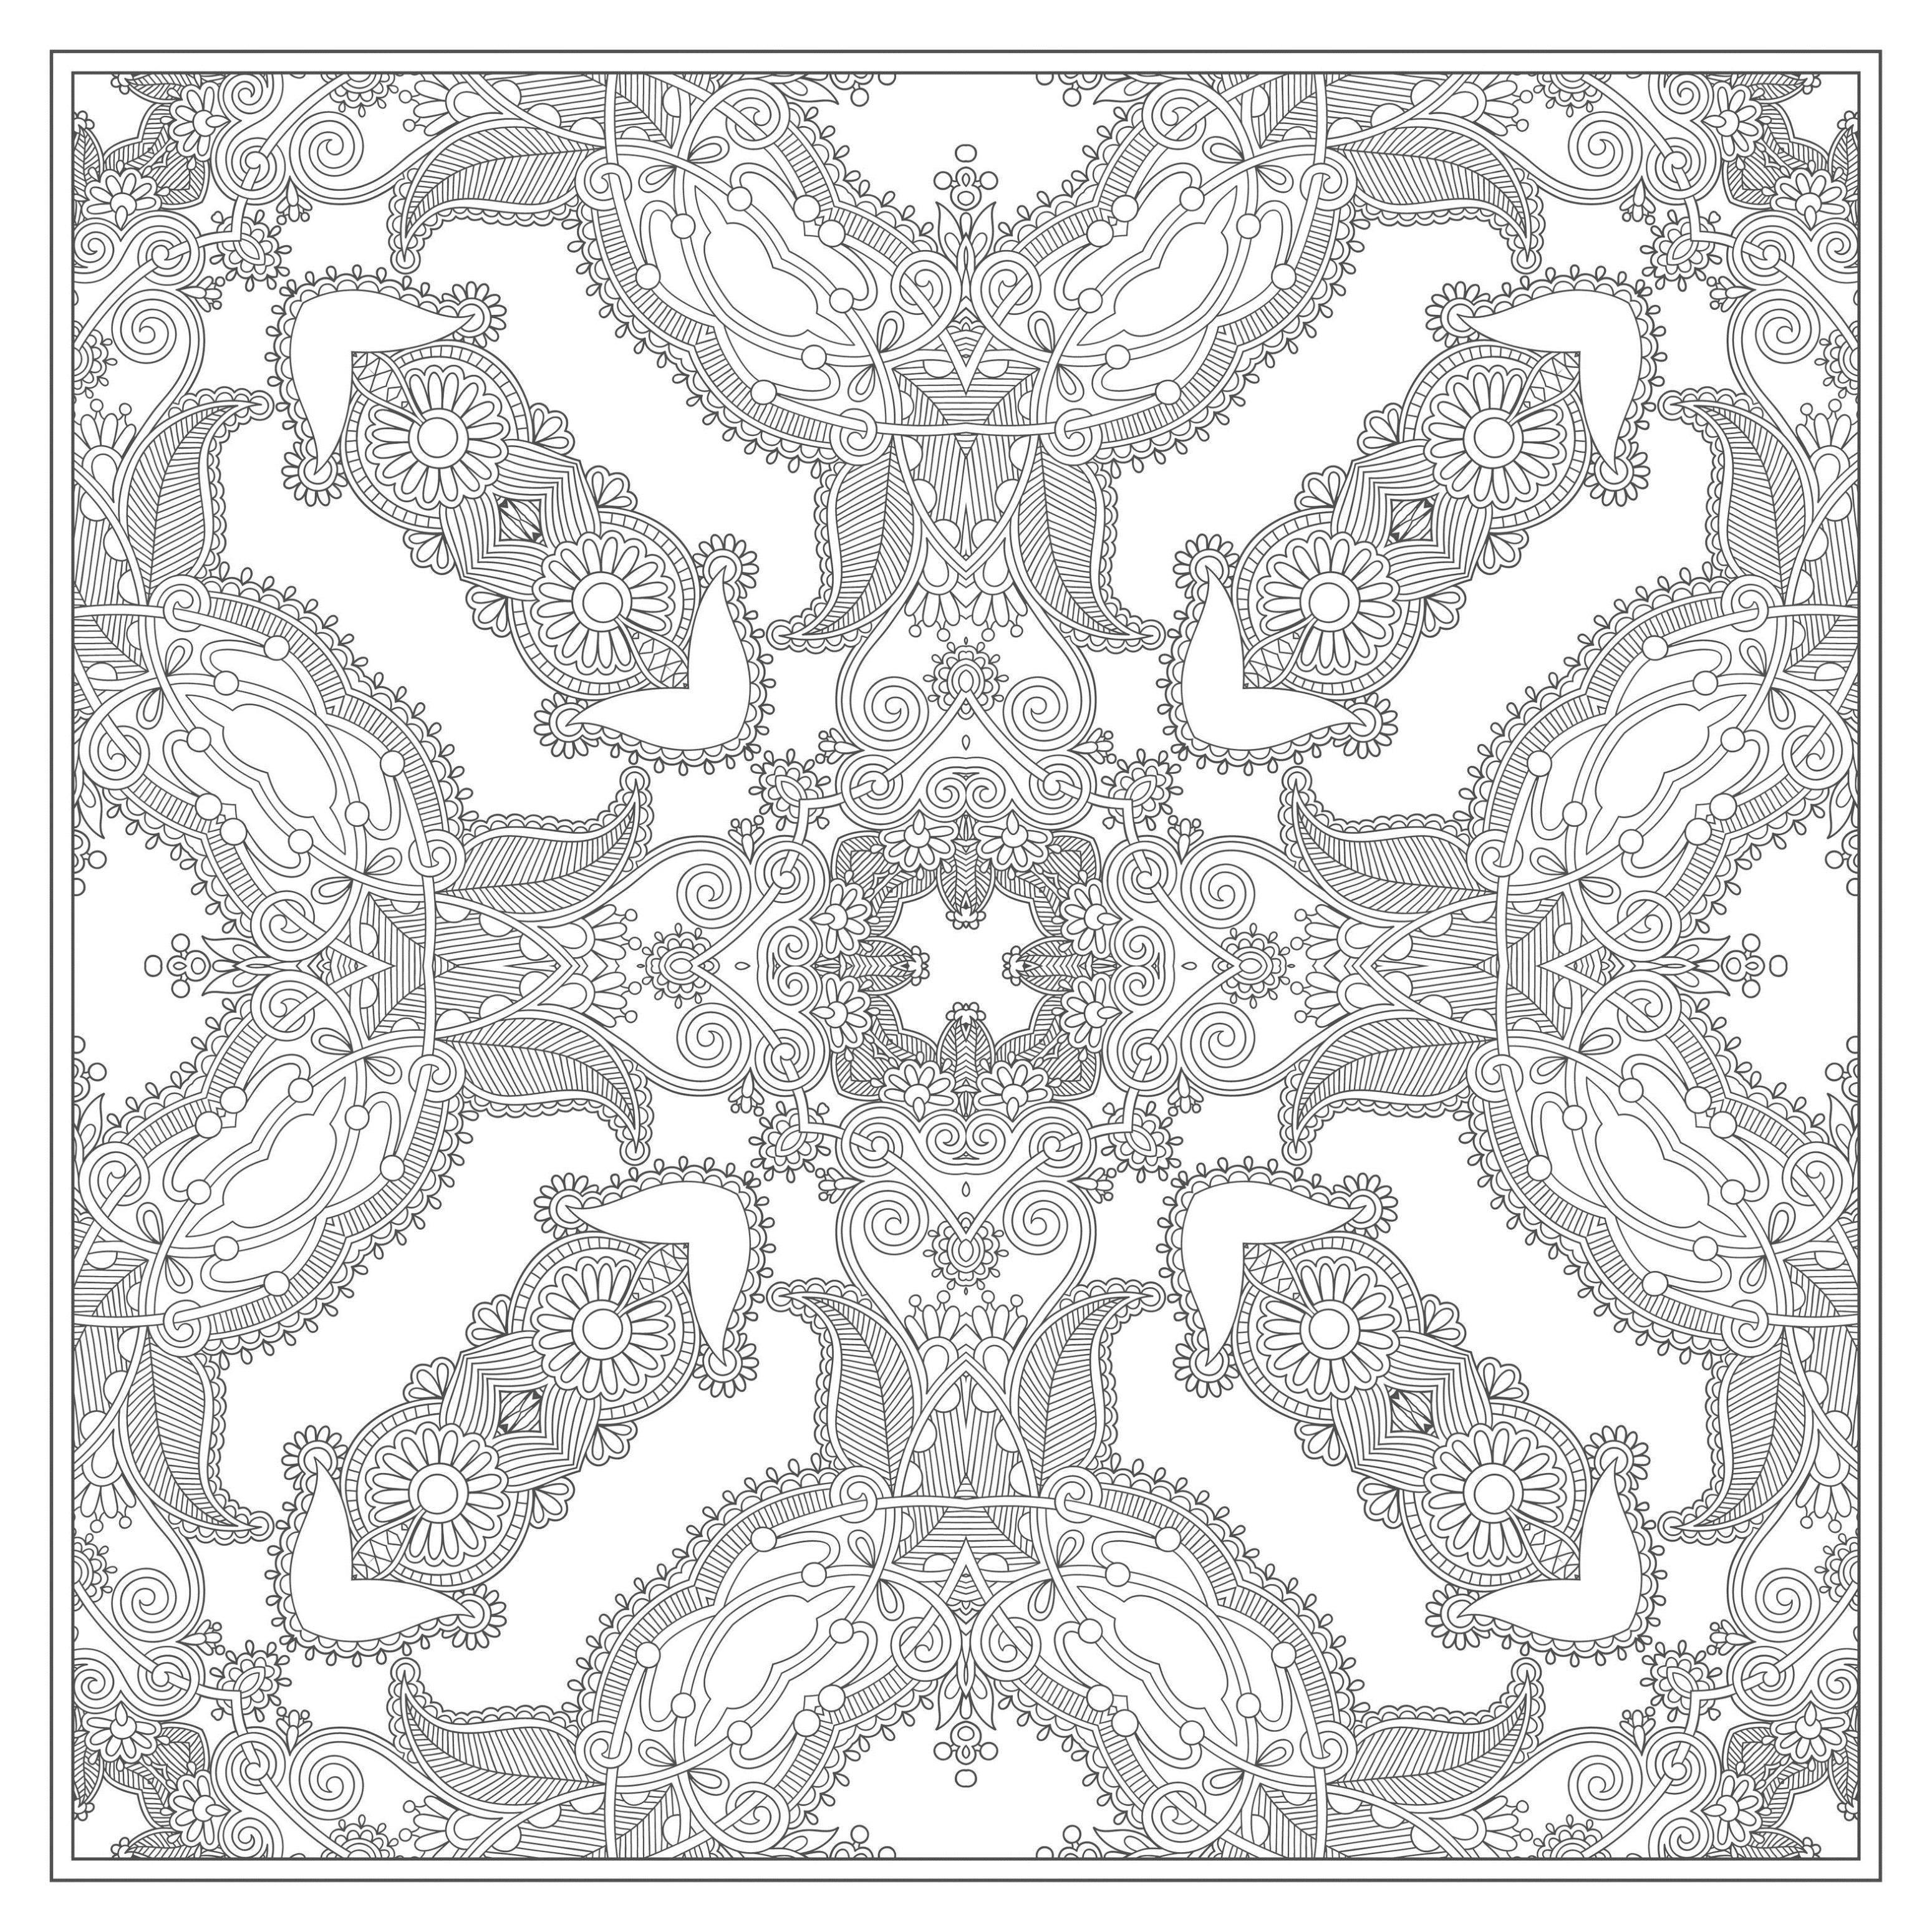 Mandala carr magnifique mandalas sur le th me des fleurs et v g tation 100 mandalas zen - Dessin tres dur ...